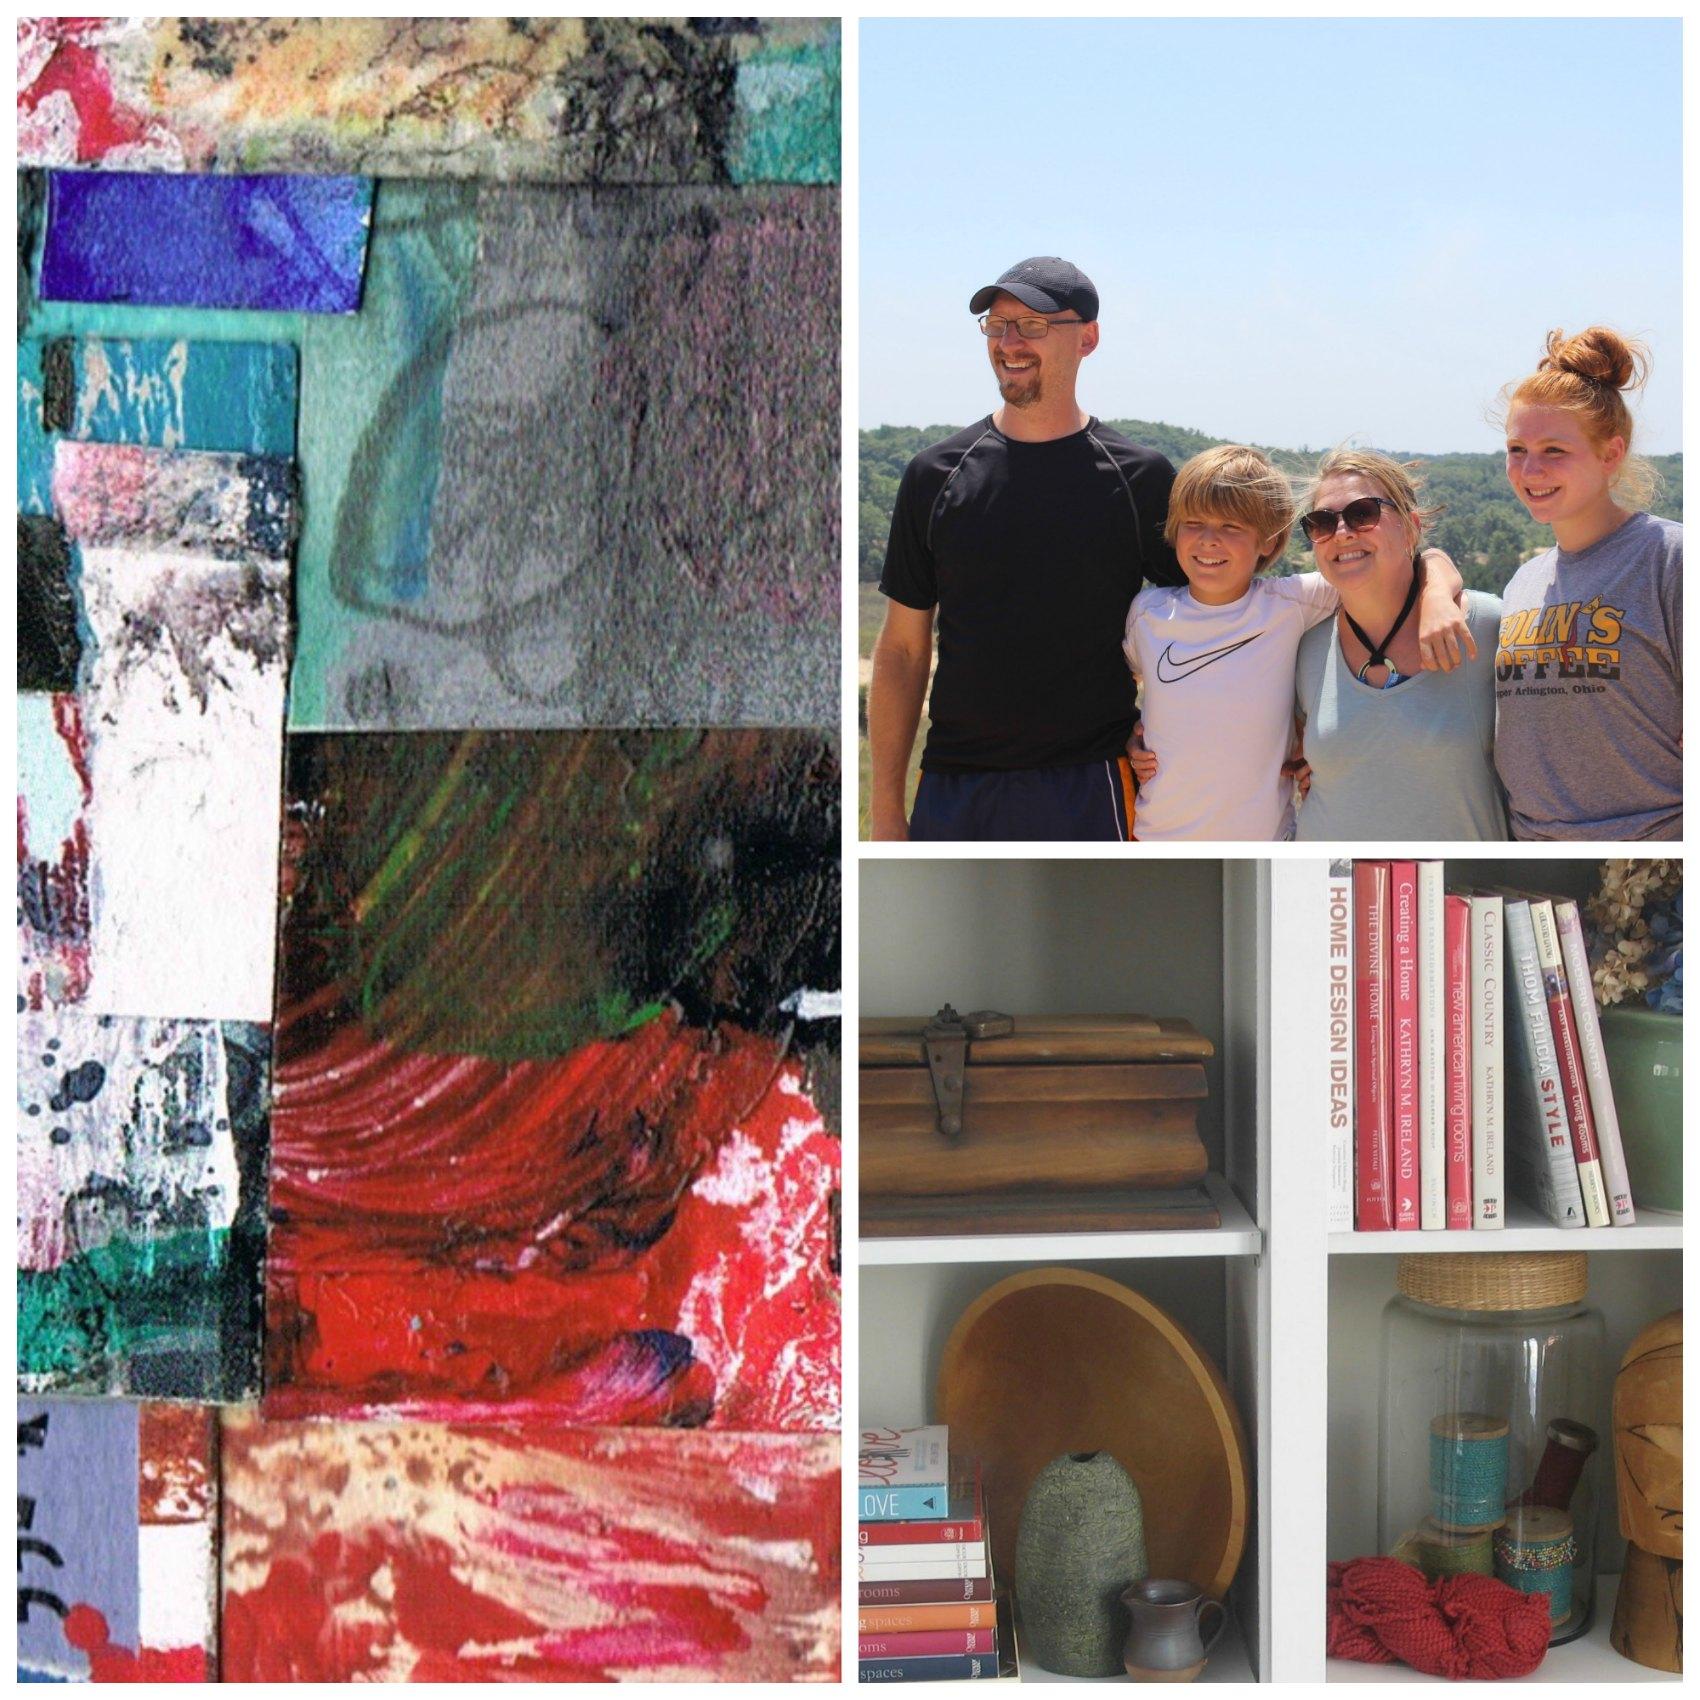 Artist, Melissa Combs' loves art, family & home decor